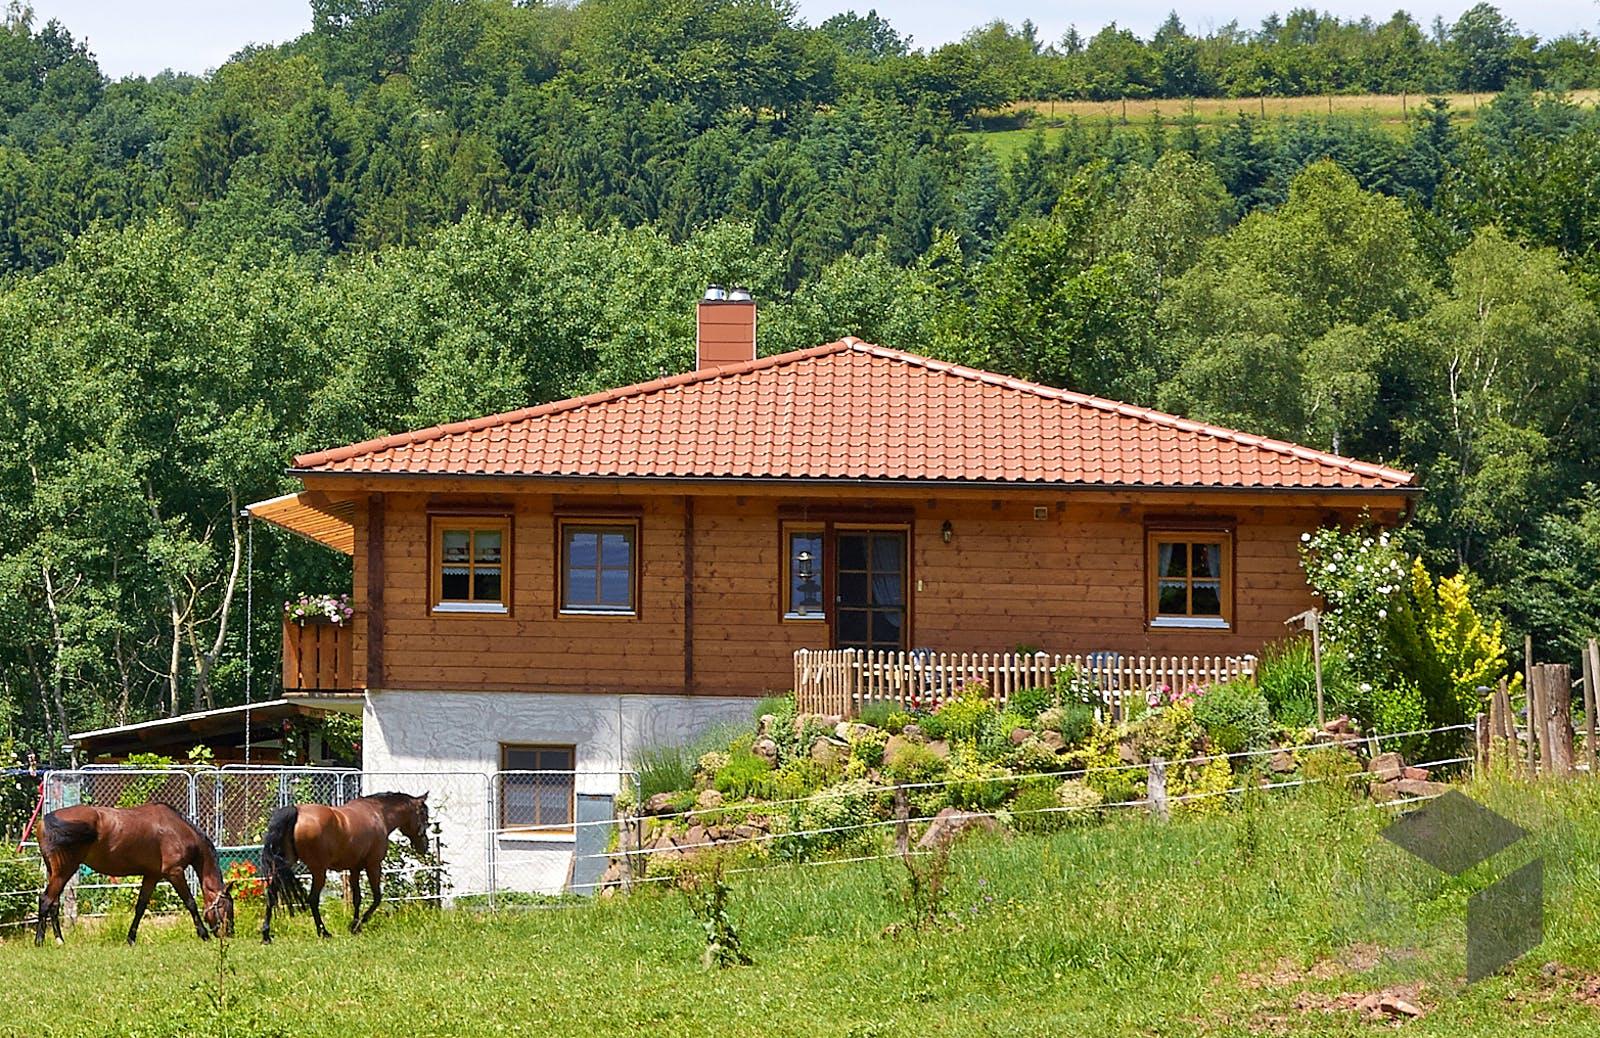 einfamilienhaus krickenbach von rems murr holzhaus